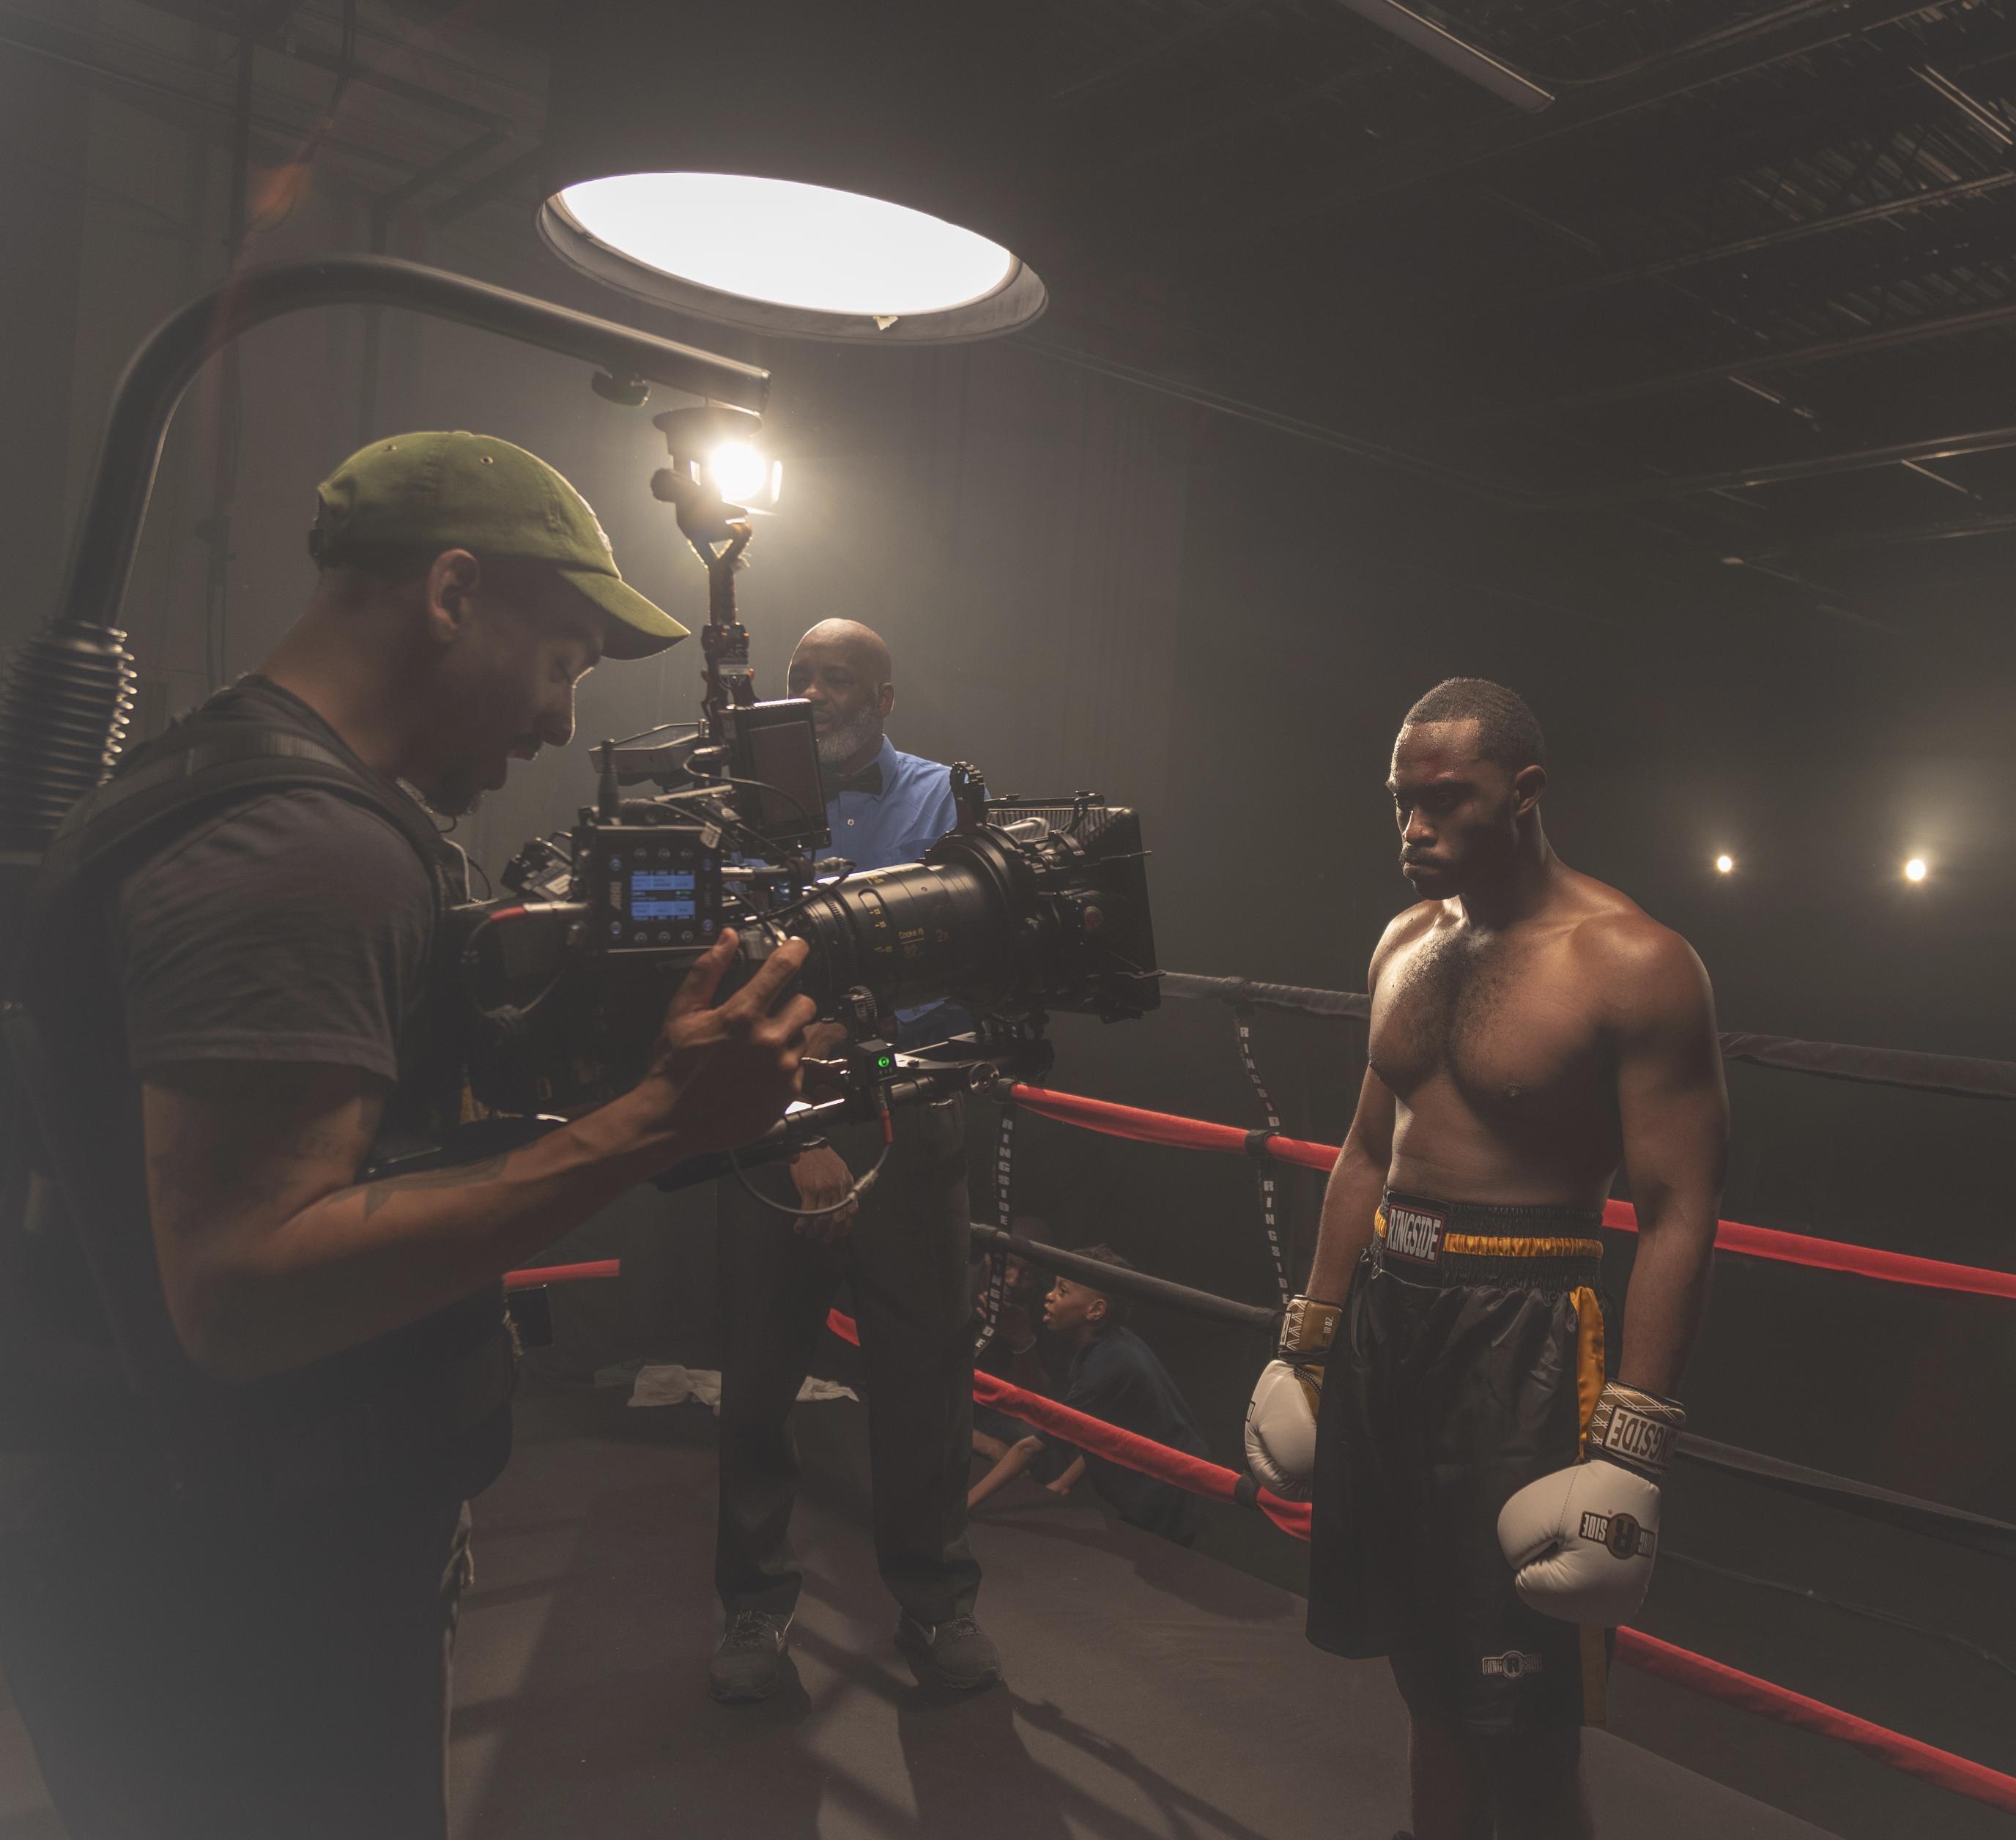 Filmmaker Friday Featuring Filmmaker Morgan Cooper 7